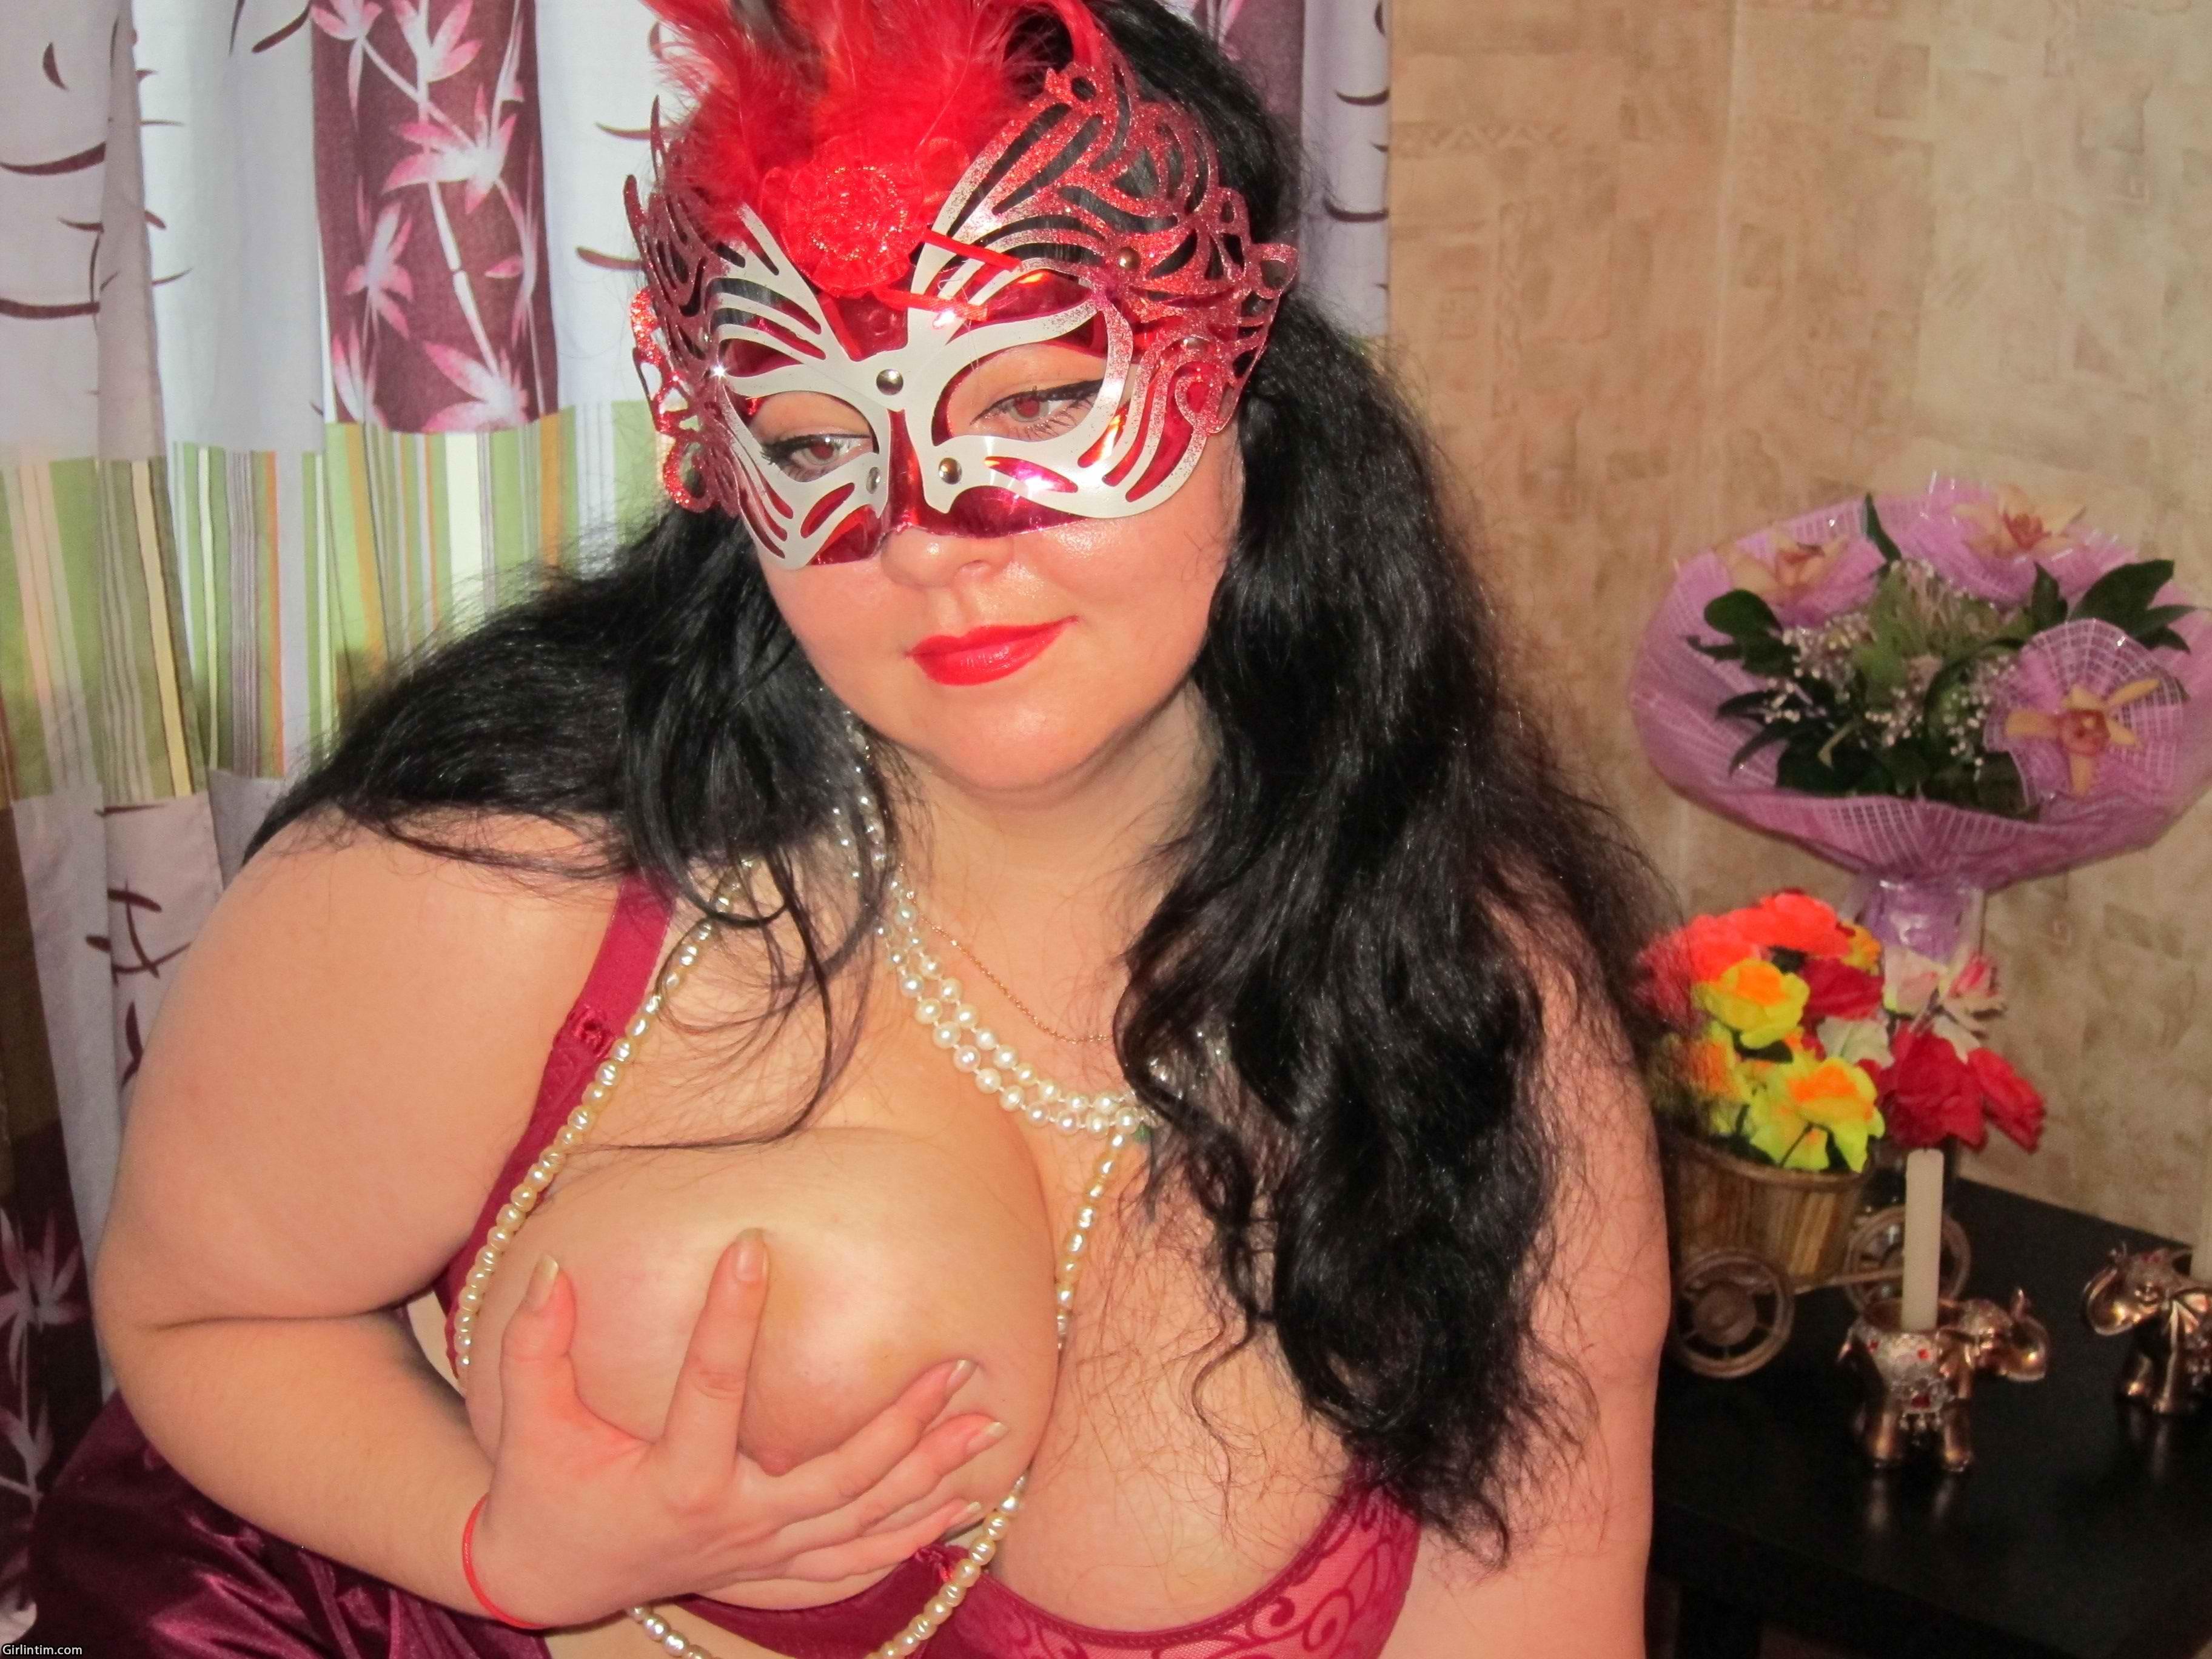 Проститутки госпожа казань, Проститутки Казани с интим услугой Госпожа, путаны 21 фотография